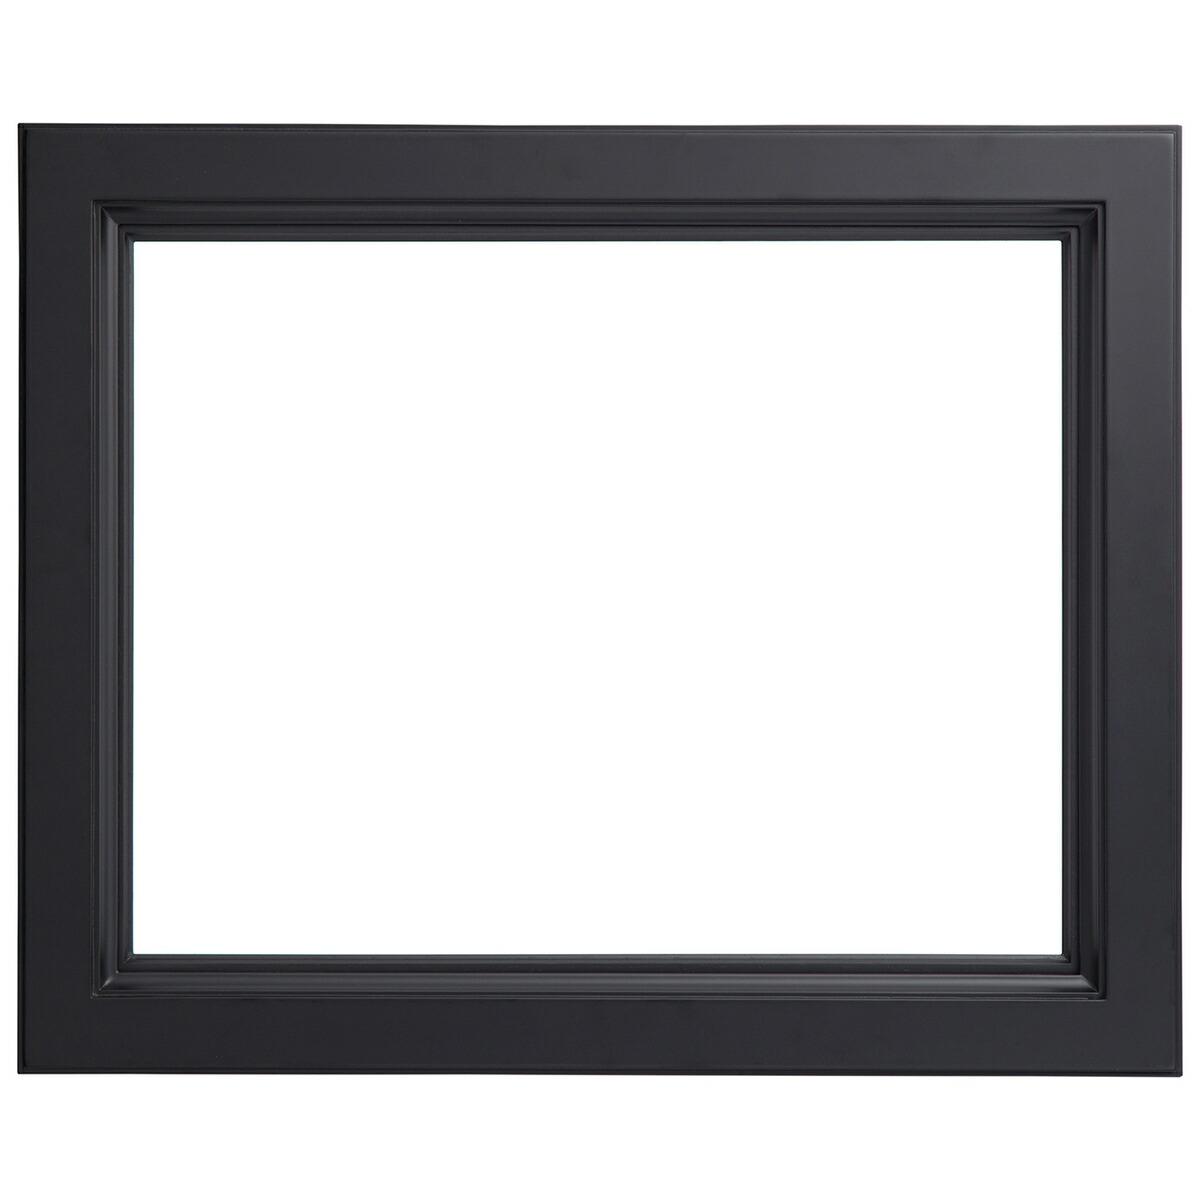 ラーソン・ジュール 油絵用額縁 A260 SM ブラック